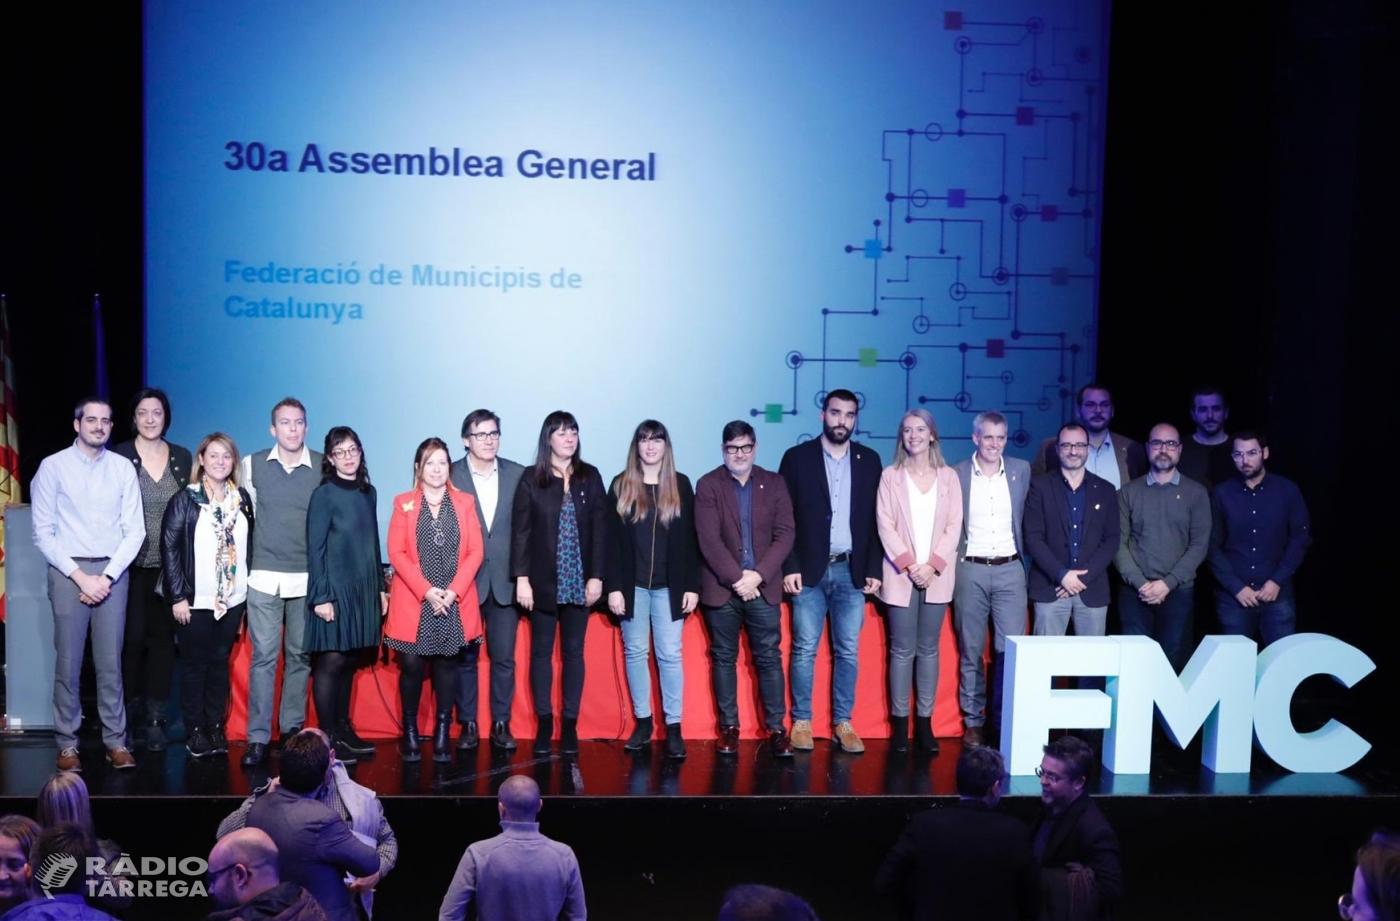 L'alcaldessa de Tàrrega, Alba Pijuan Vallverdú, assumeix una de les noves vicepresidències de la Federació de Municipis de Catalunya